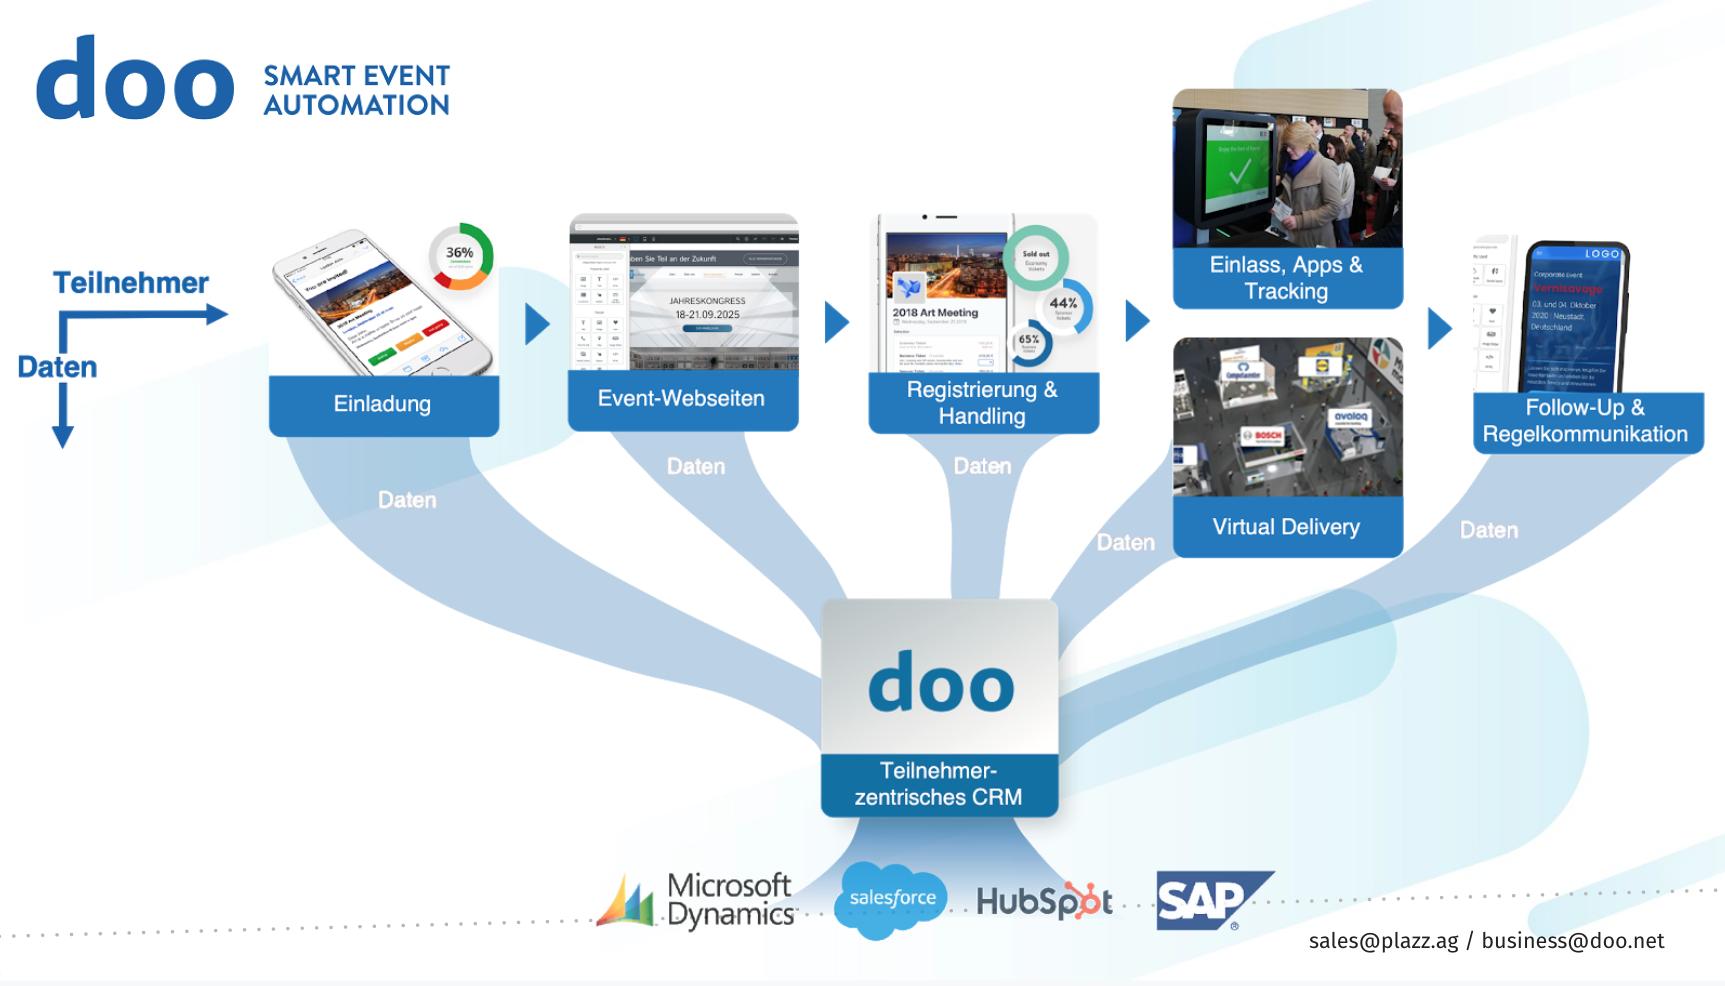 doo Event Plattform